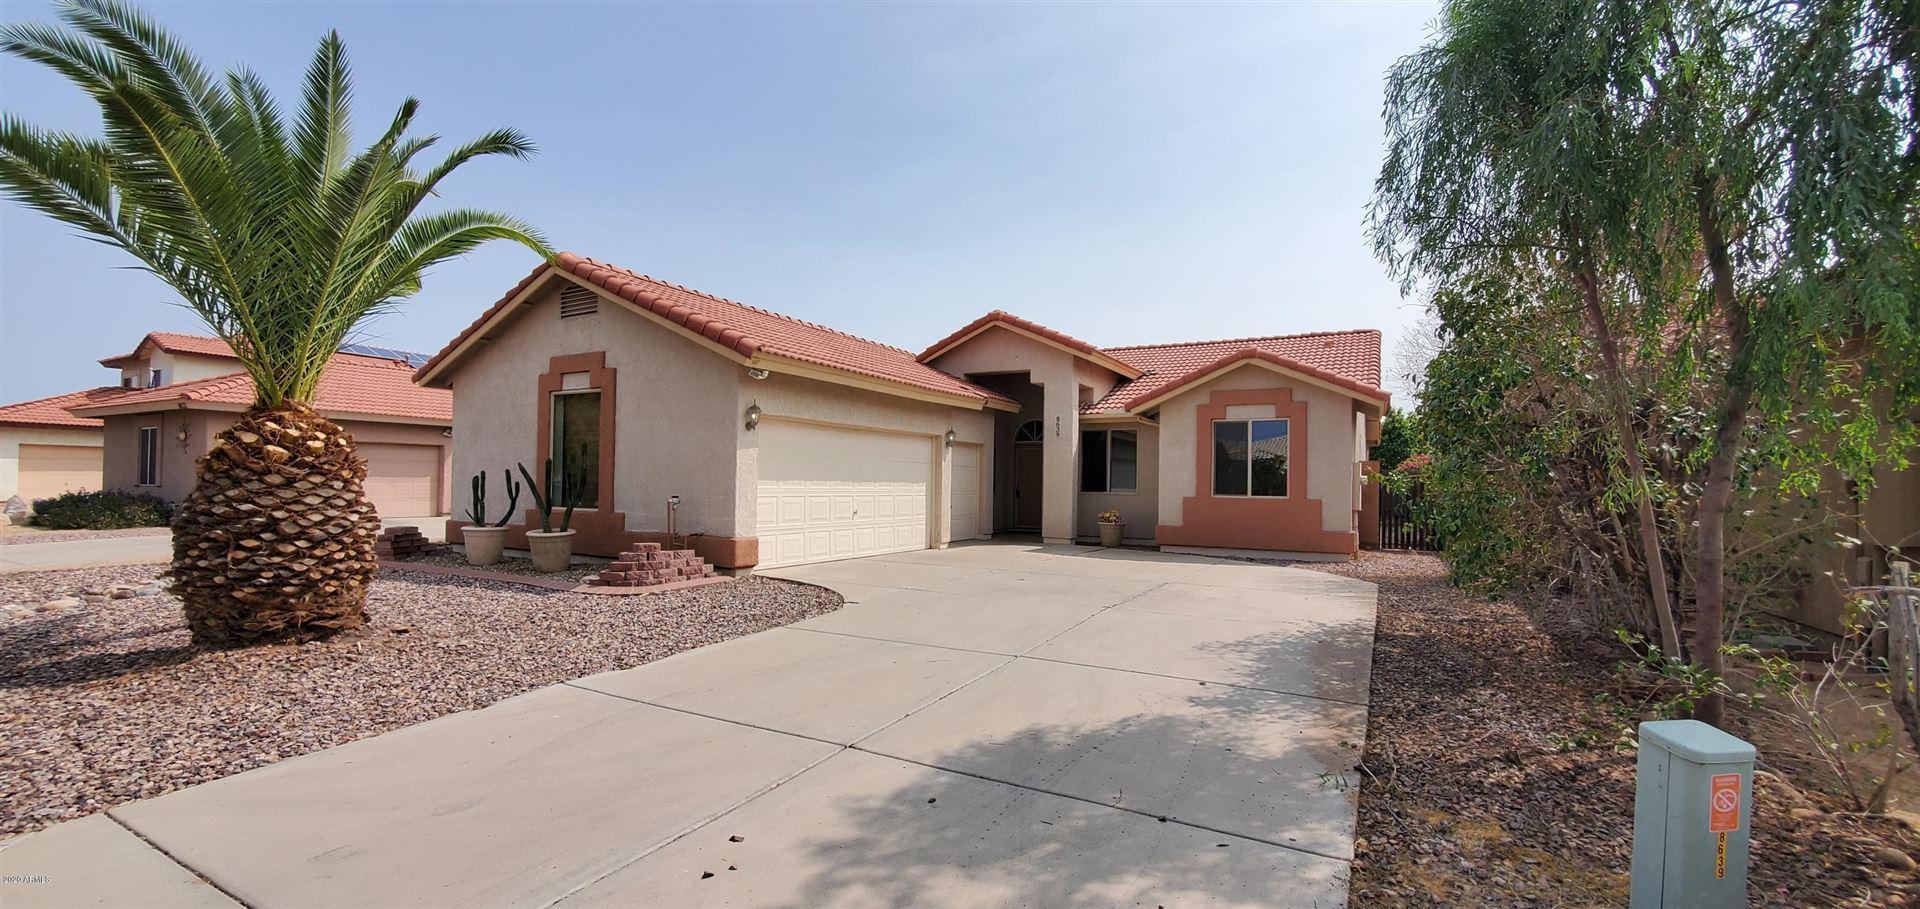 8639 W DAHLIA Drive, Peoria, AZ 85381 - MLS#: 6131547